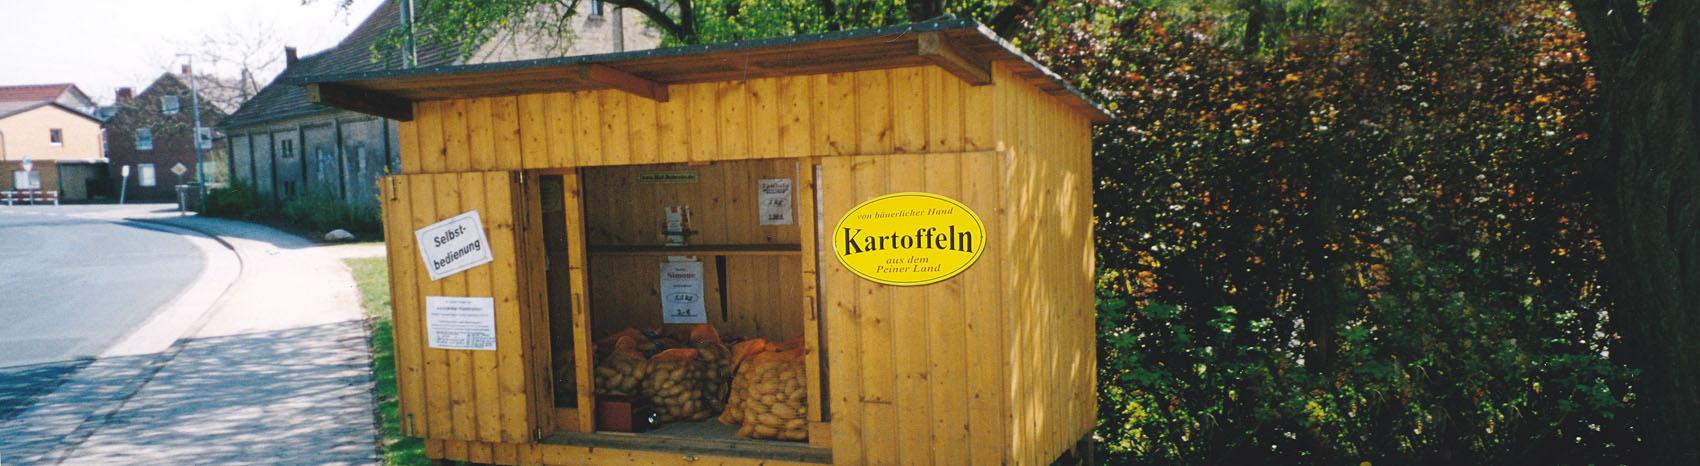 Kartoffeln Hof Behrens Dungelbeck